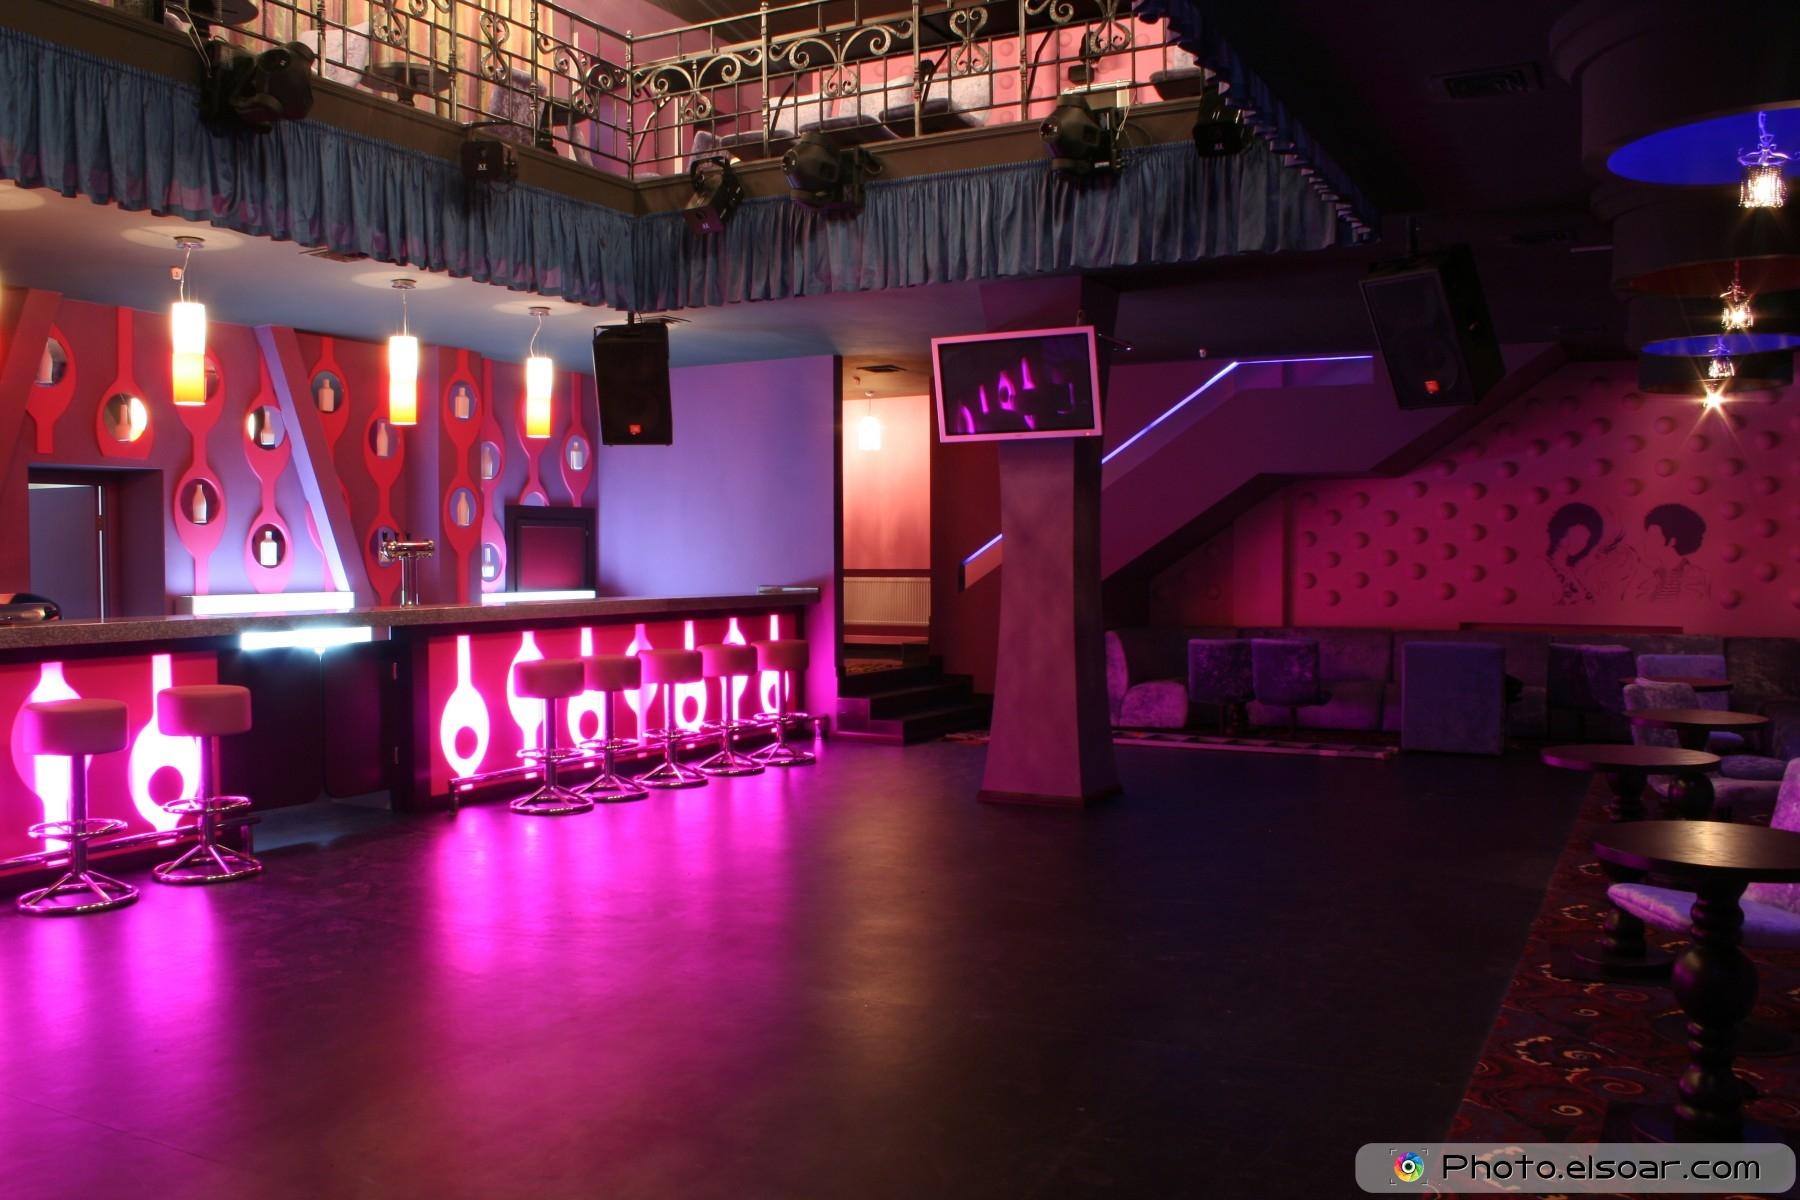 Emejing Nightclub Interior Design Ideas Photos - Interior Design ...